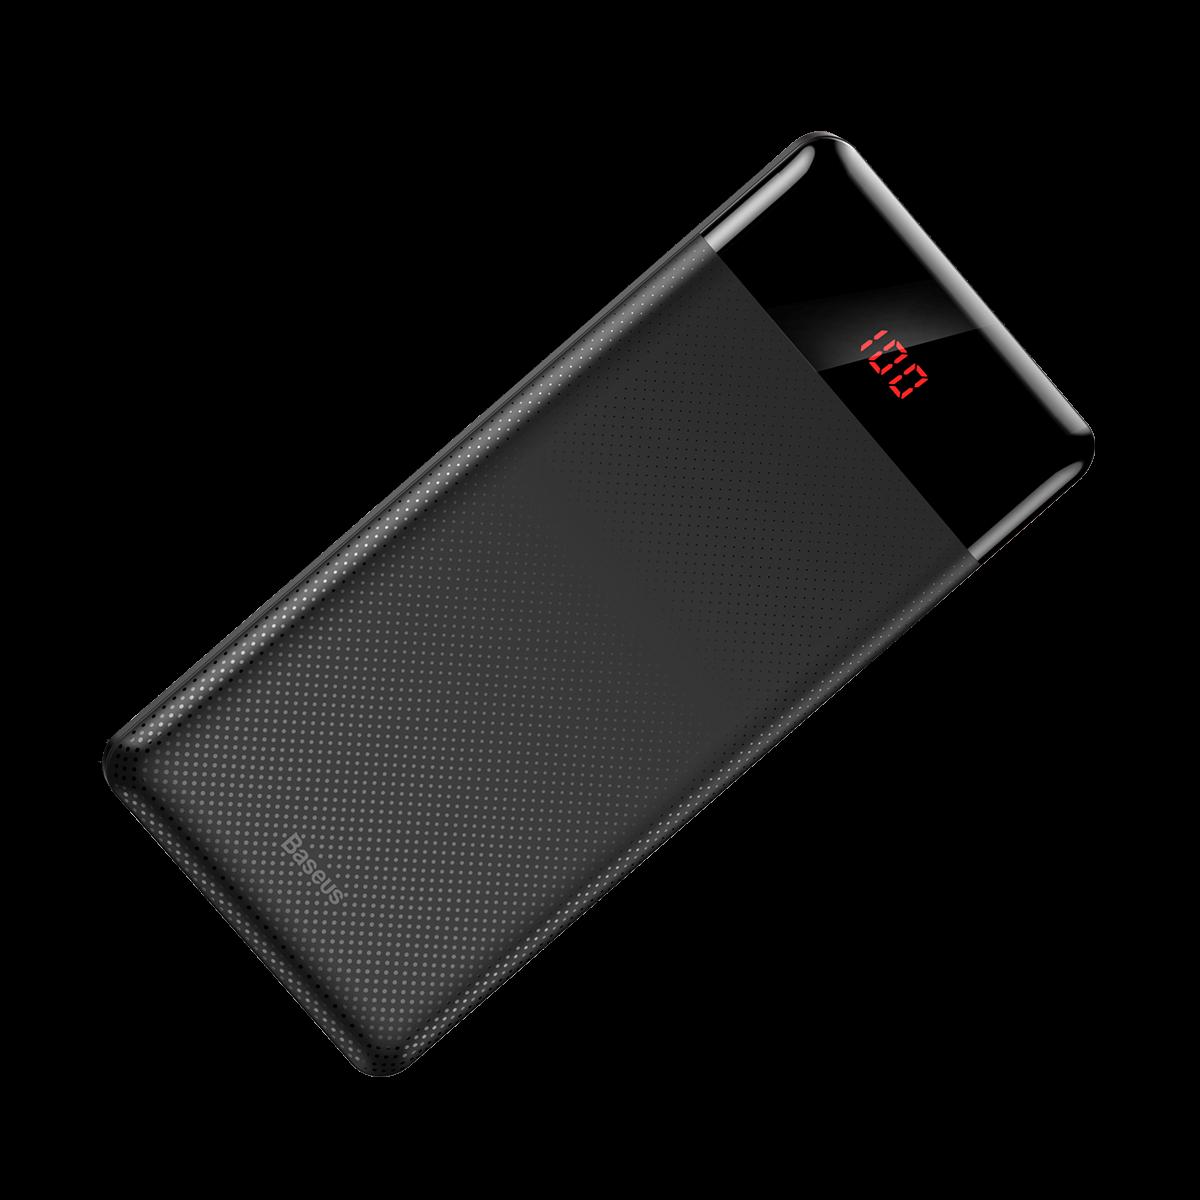 Carregador Portátil Baseus 10000 mAh Fino 2 Saidas USB Preto